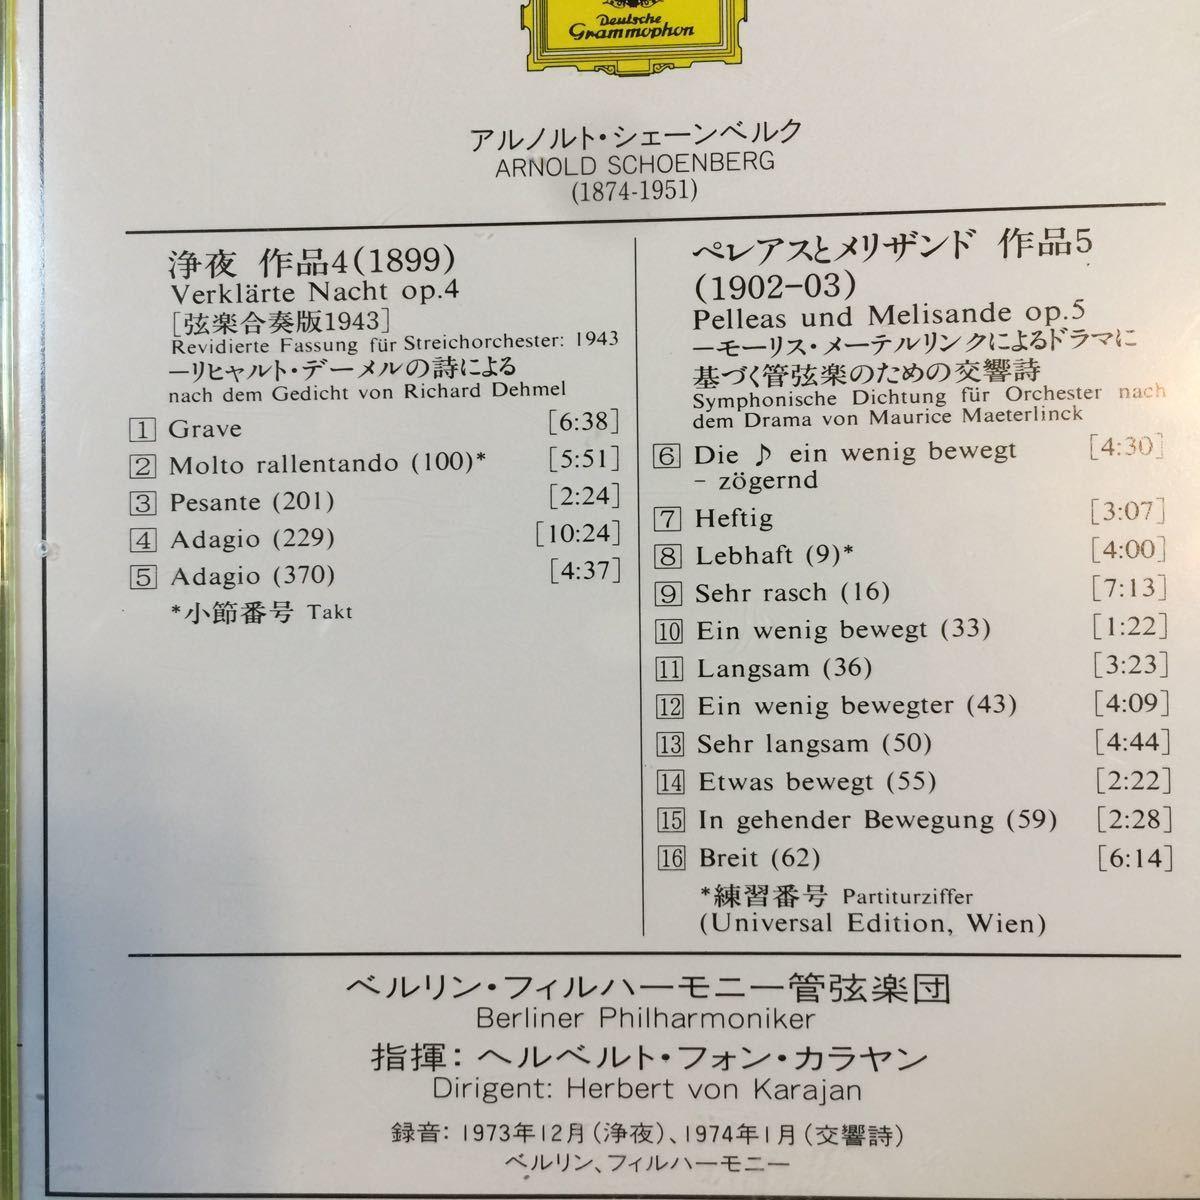 ◆シェーンベルク 浄夜 /ペレアスとメリザンド ◆ カラヤン ベルリン・フィルハーモニー管弦楽団 (CD)【型番号】POCG-3819_画像4